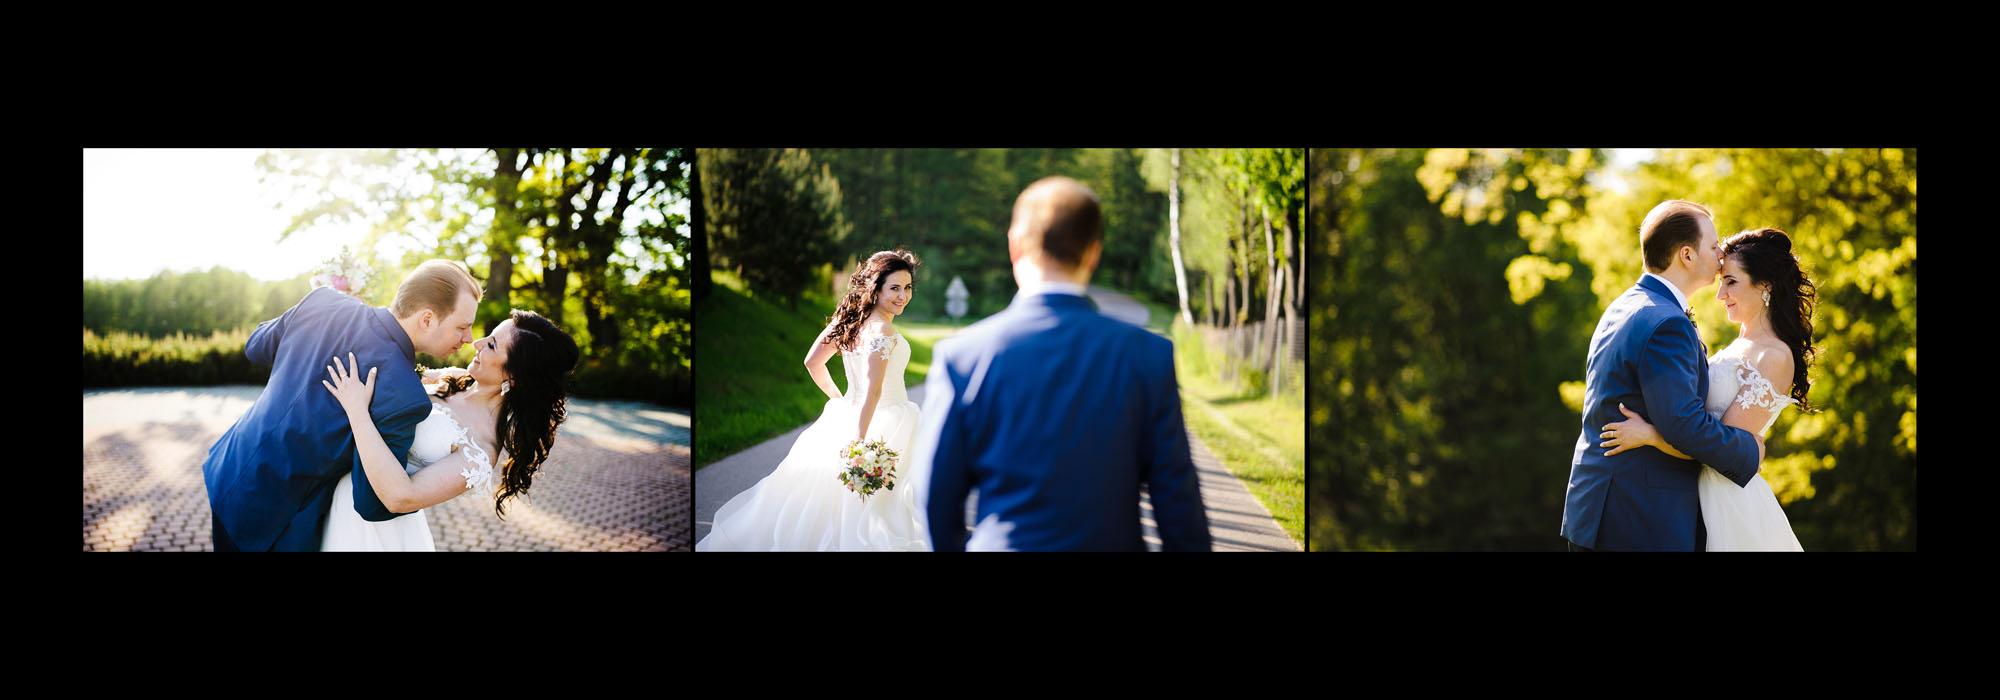 Vestuviu fotografas_33